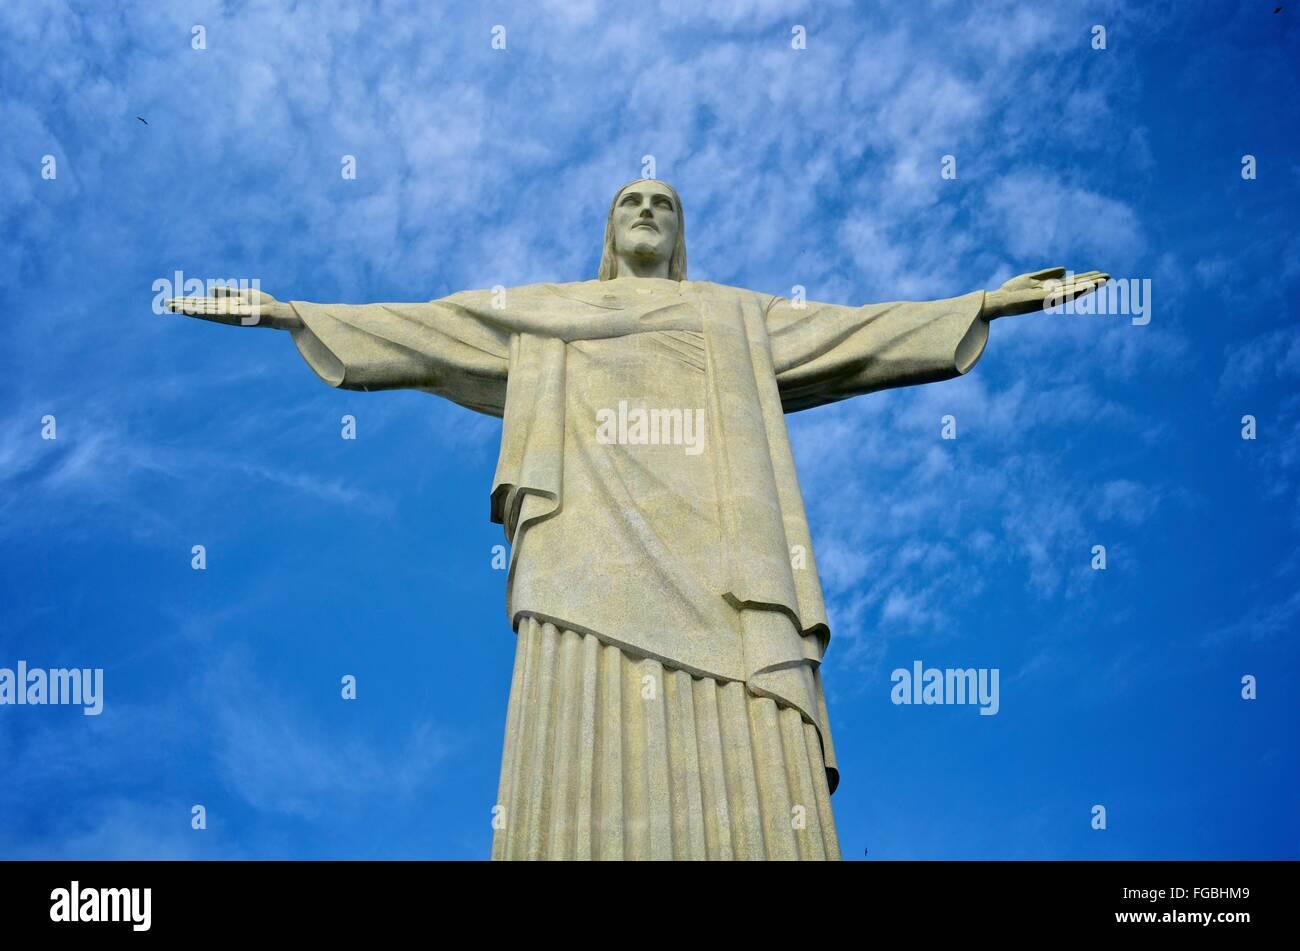 Christ the Redeemer statue, on the Corcovado mountain, Rio de Janeiro, Brazil. Stock Photo